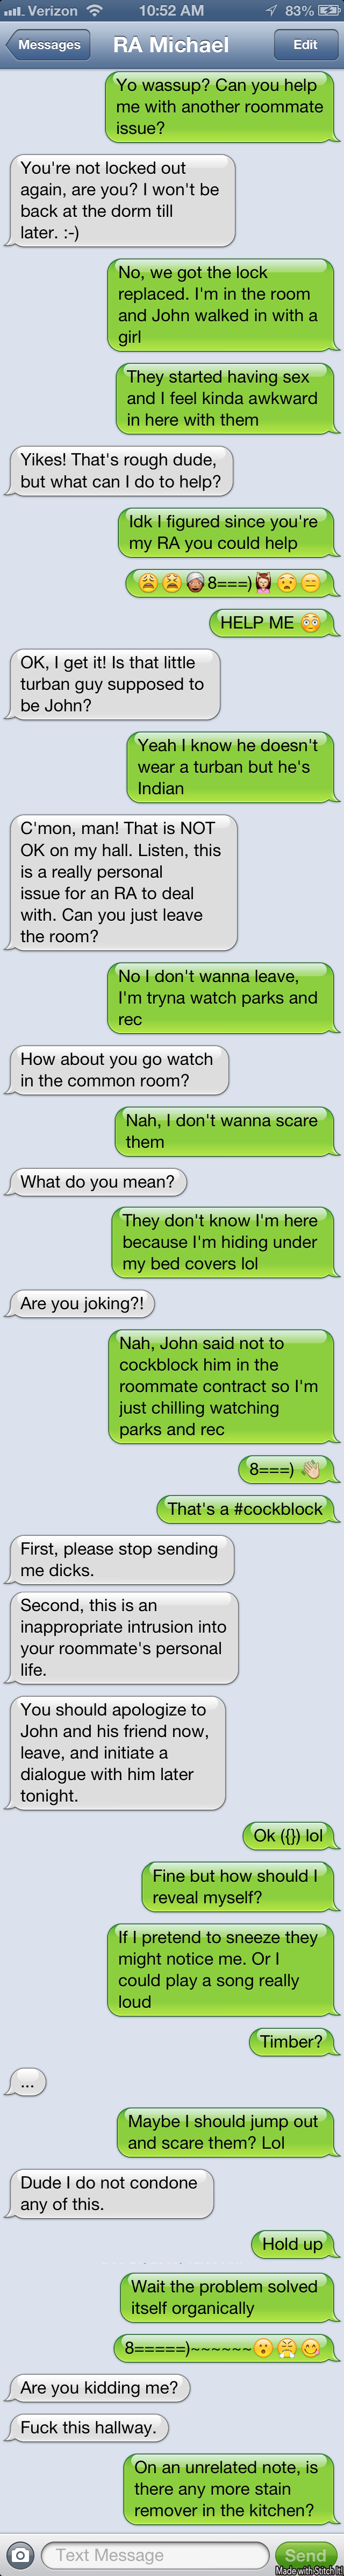 final-ra-text-conversation-billy.jpg